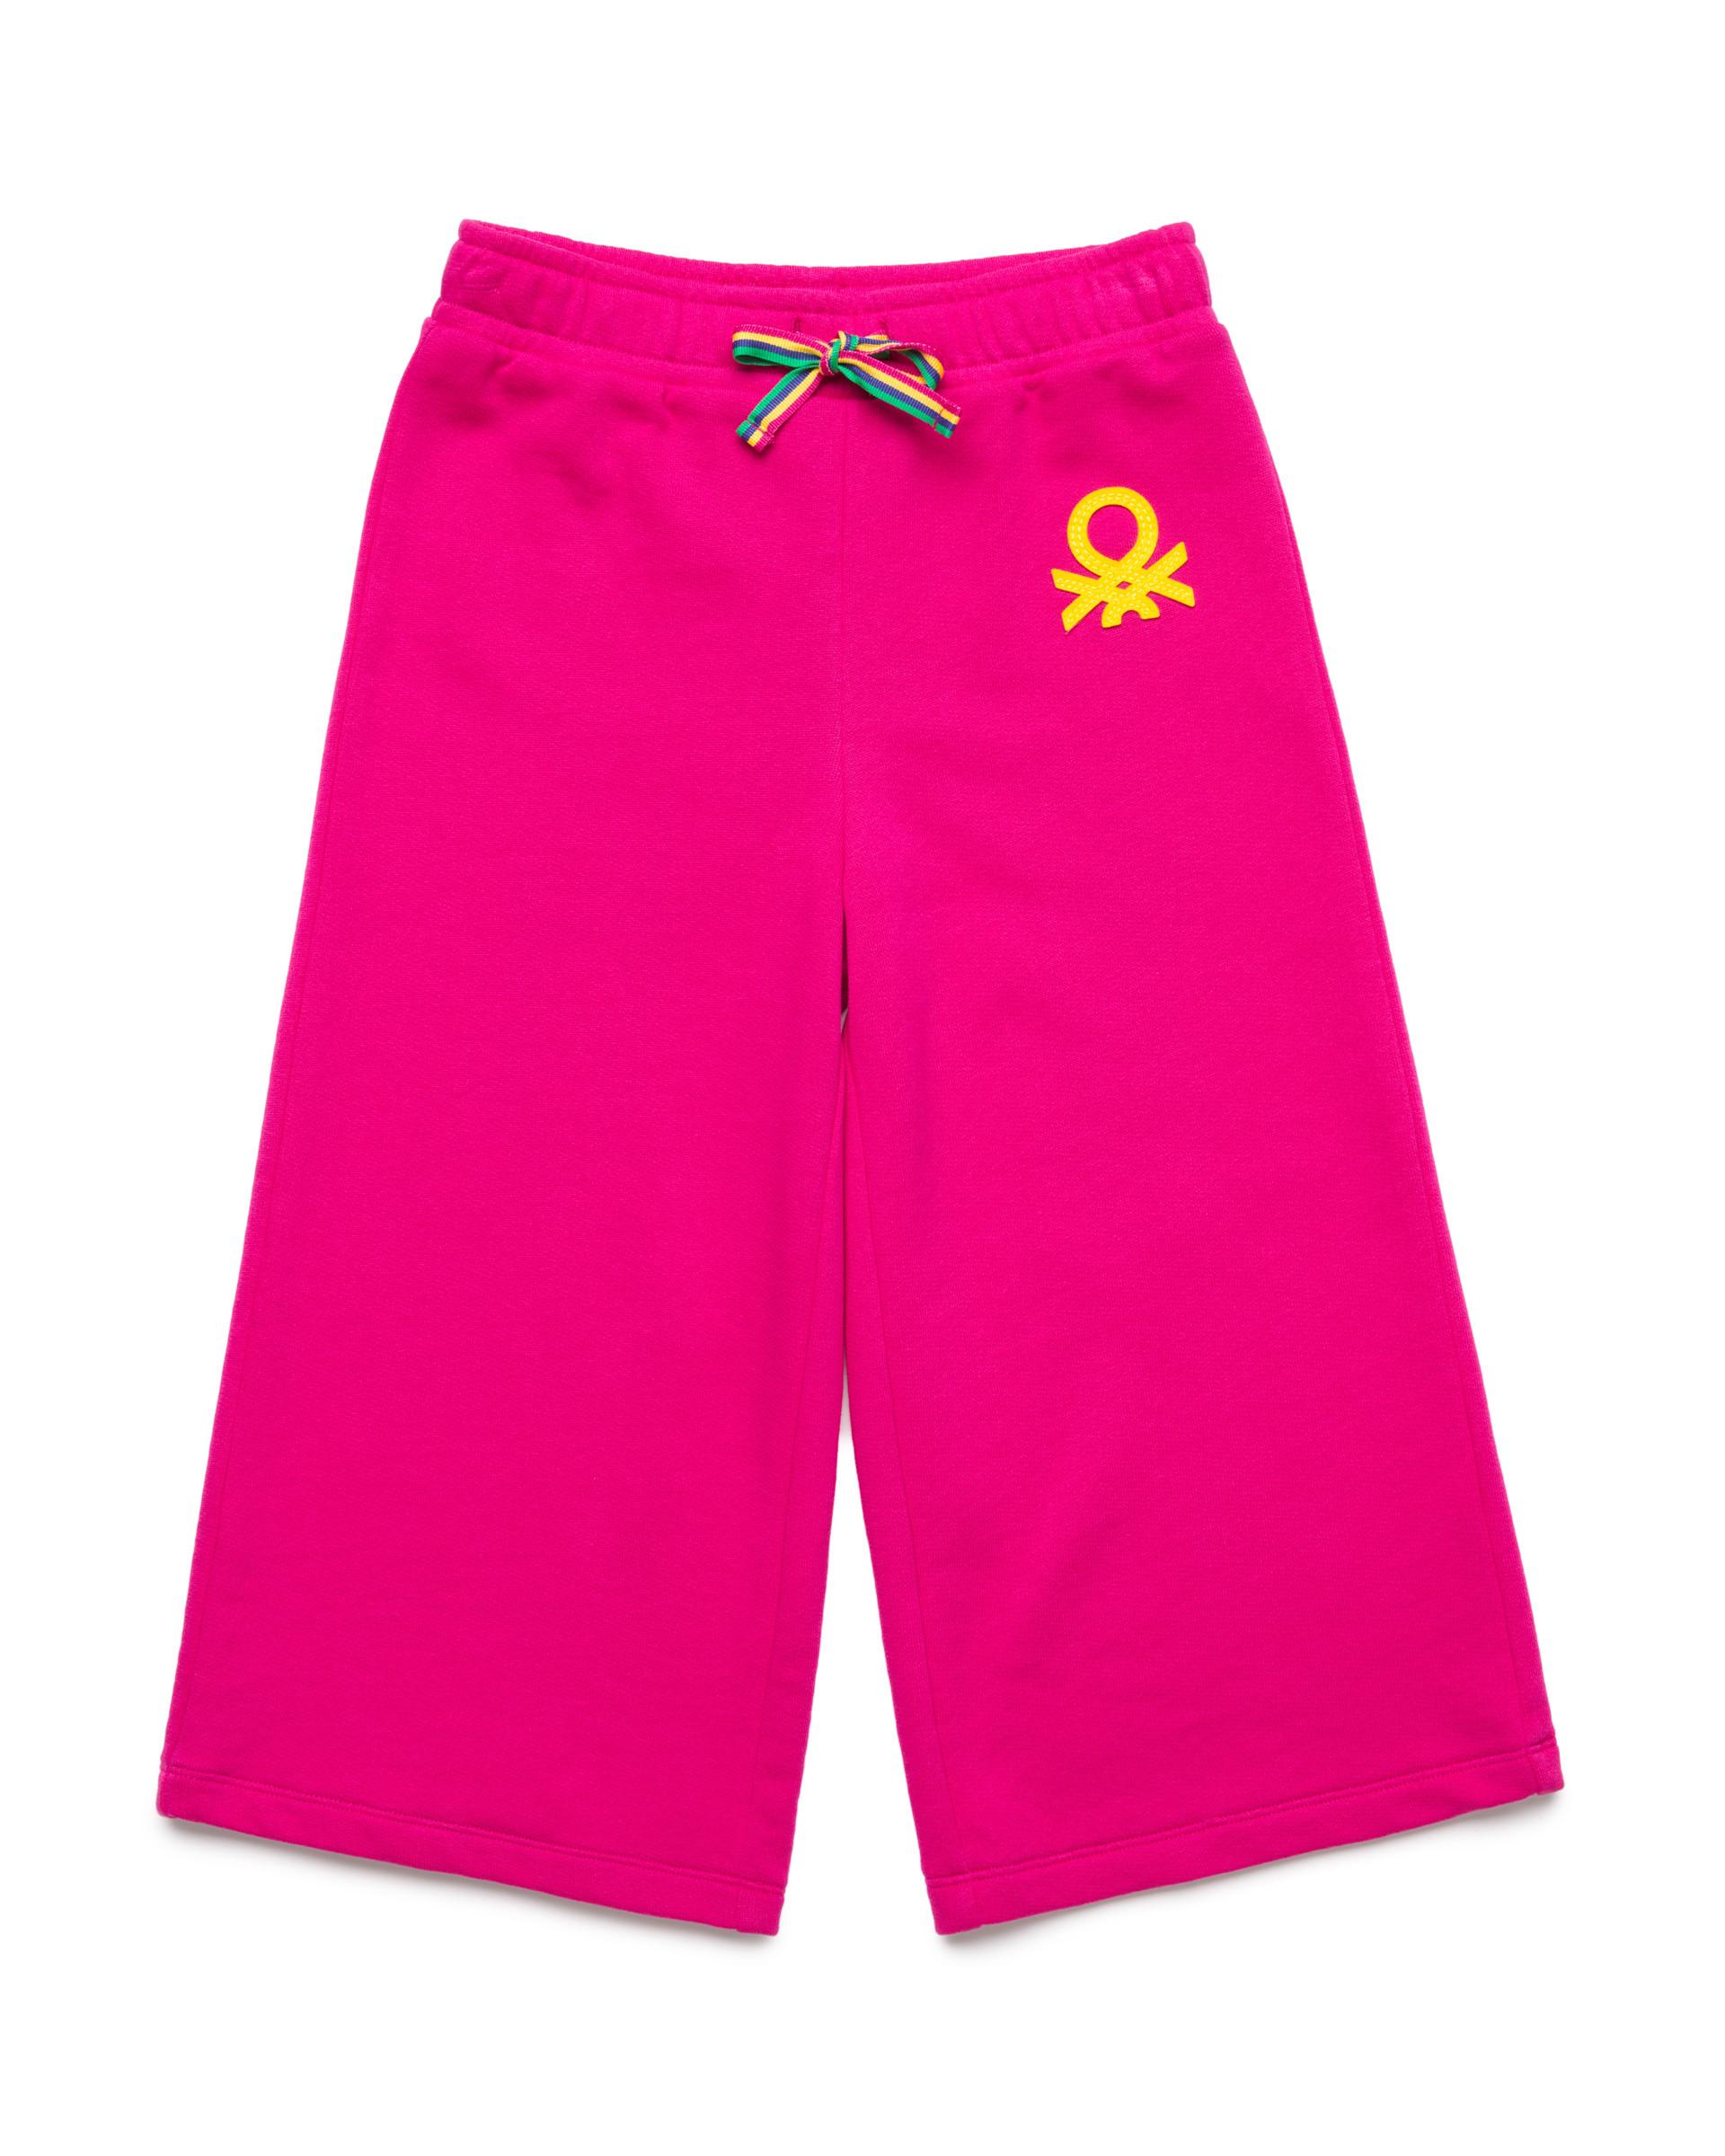 Купить 20P_3J68I0982_2L3, Спортивные брюки-кюлоты 3/4 для девочек Benetton 3J68I0982_2L3 р-р 80, United Colors of Benetton, Шорты и брюки для новорожденных